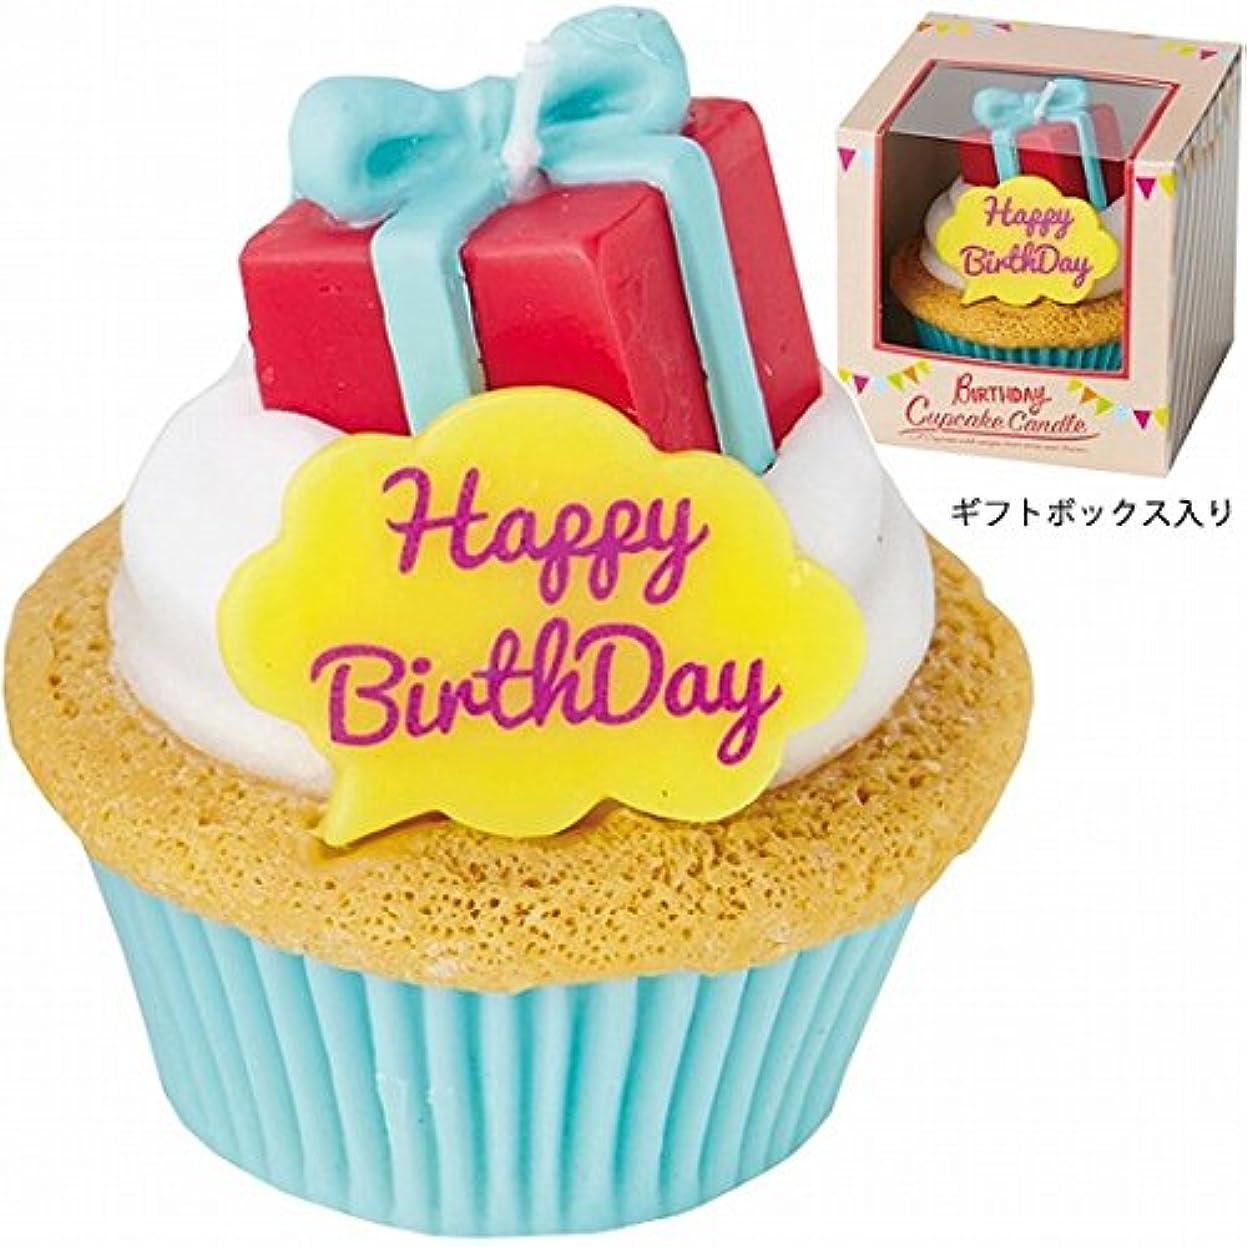 知覚的立ち向かう争いカメヤマキャンドル(kameyama candle) バースデーカップケーキキャンドル 「プレゼント」6個セット